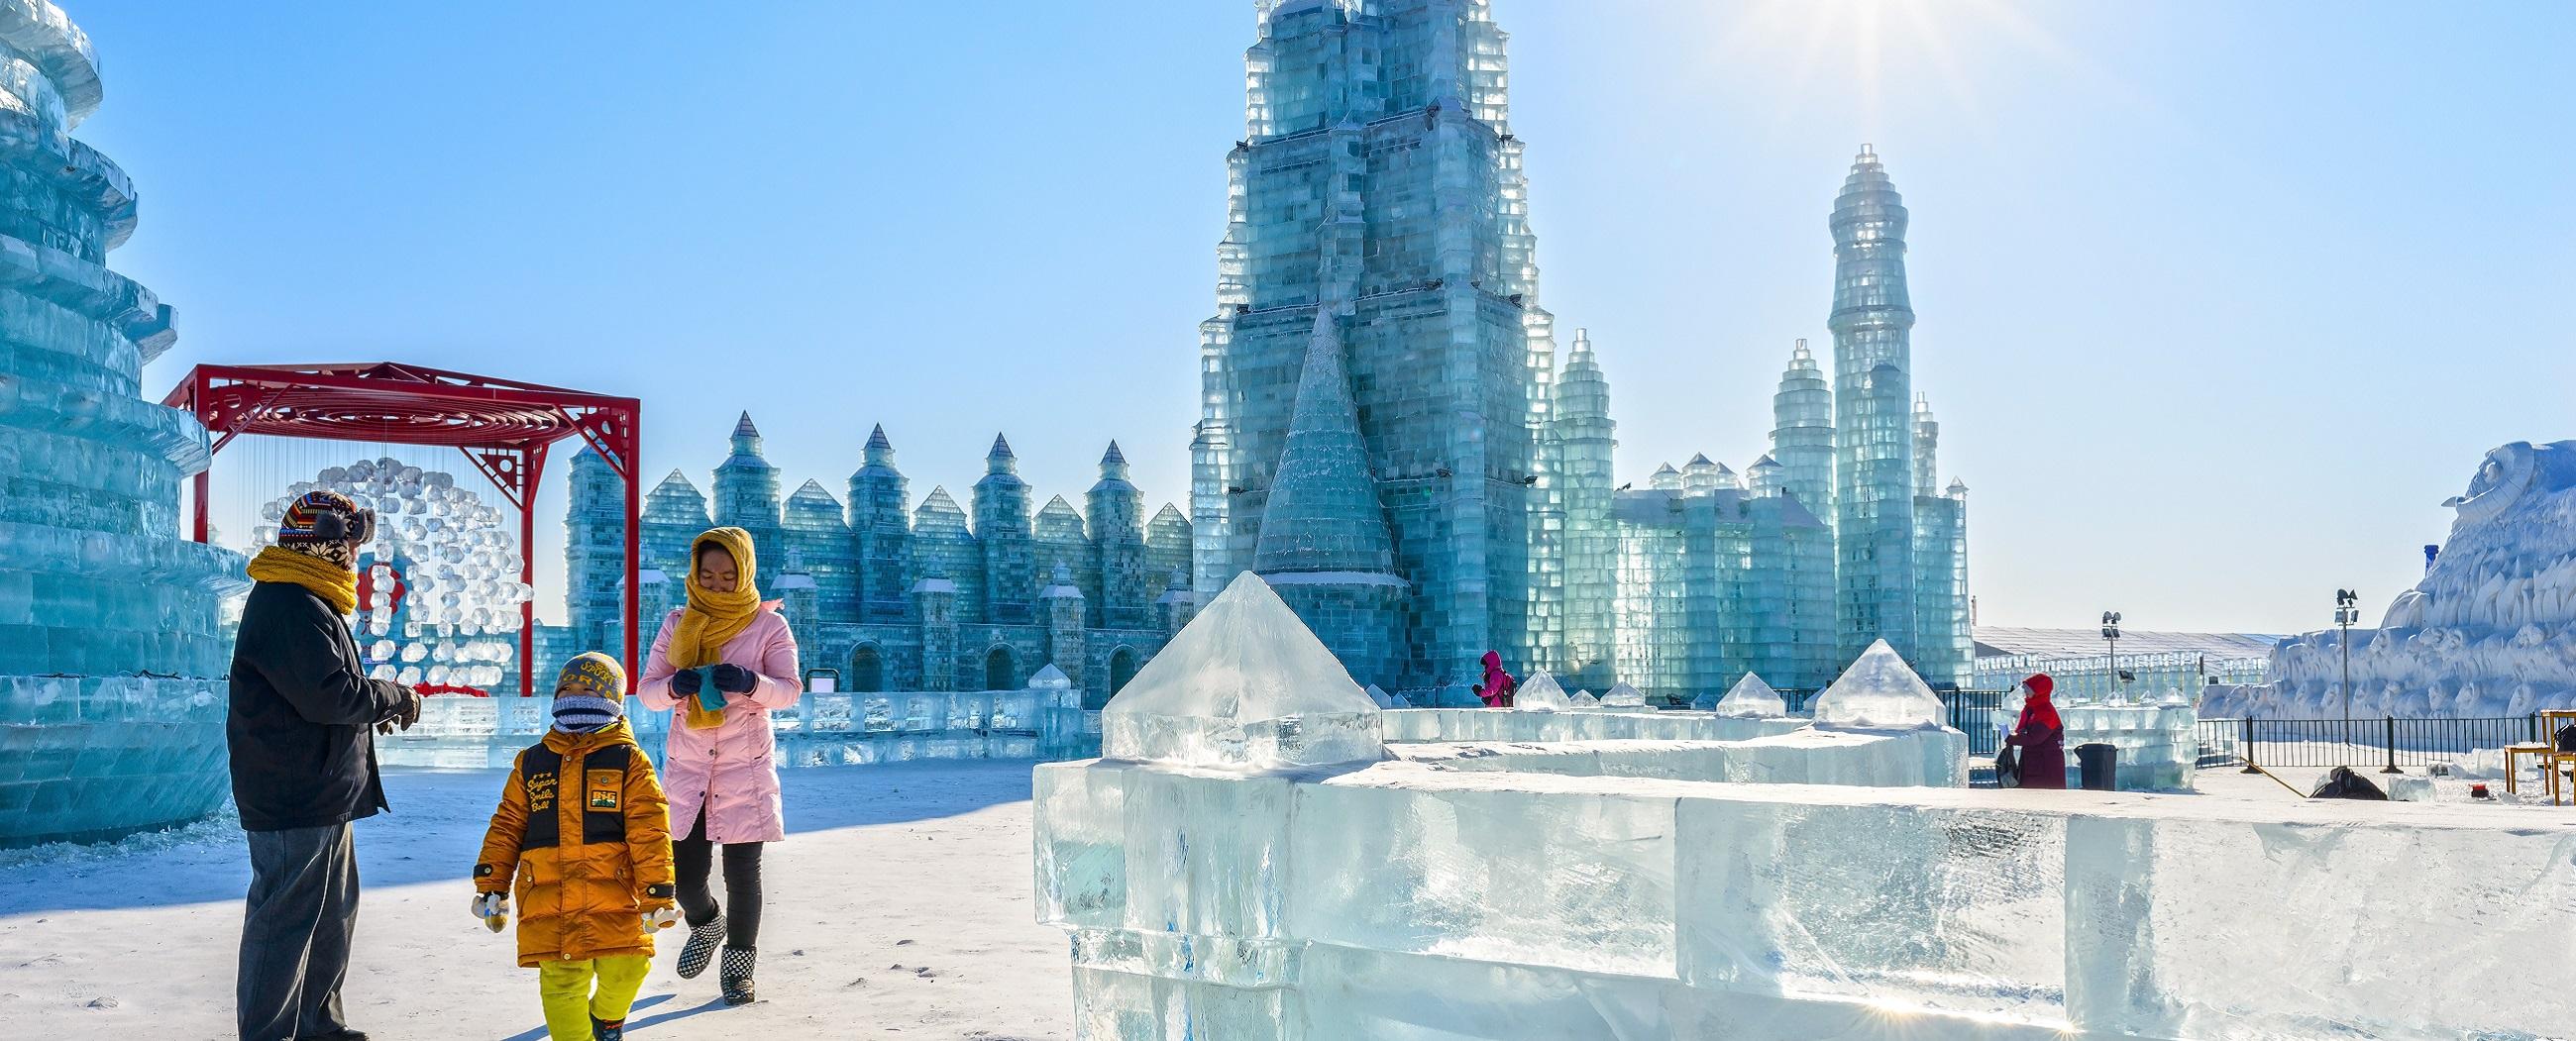 harbin-ice-festival-weird-christmas